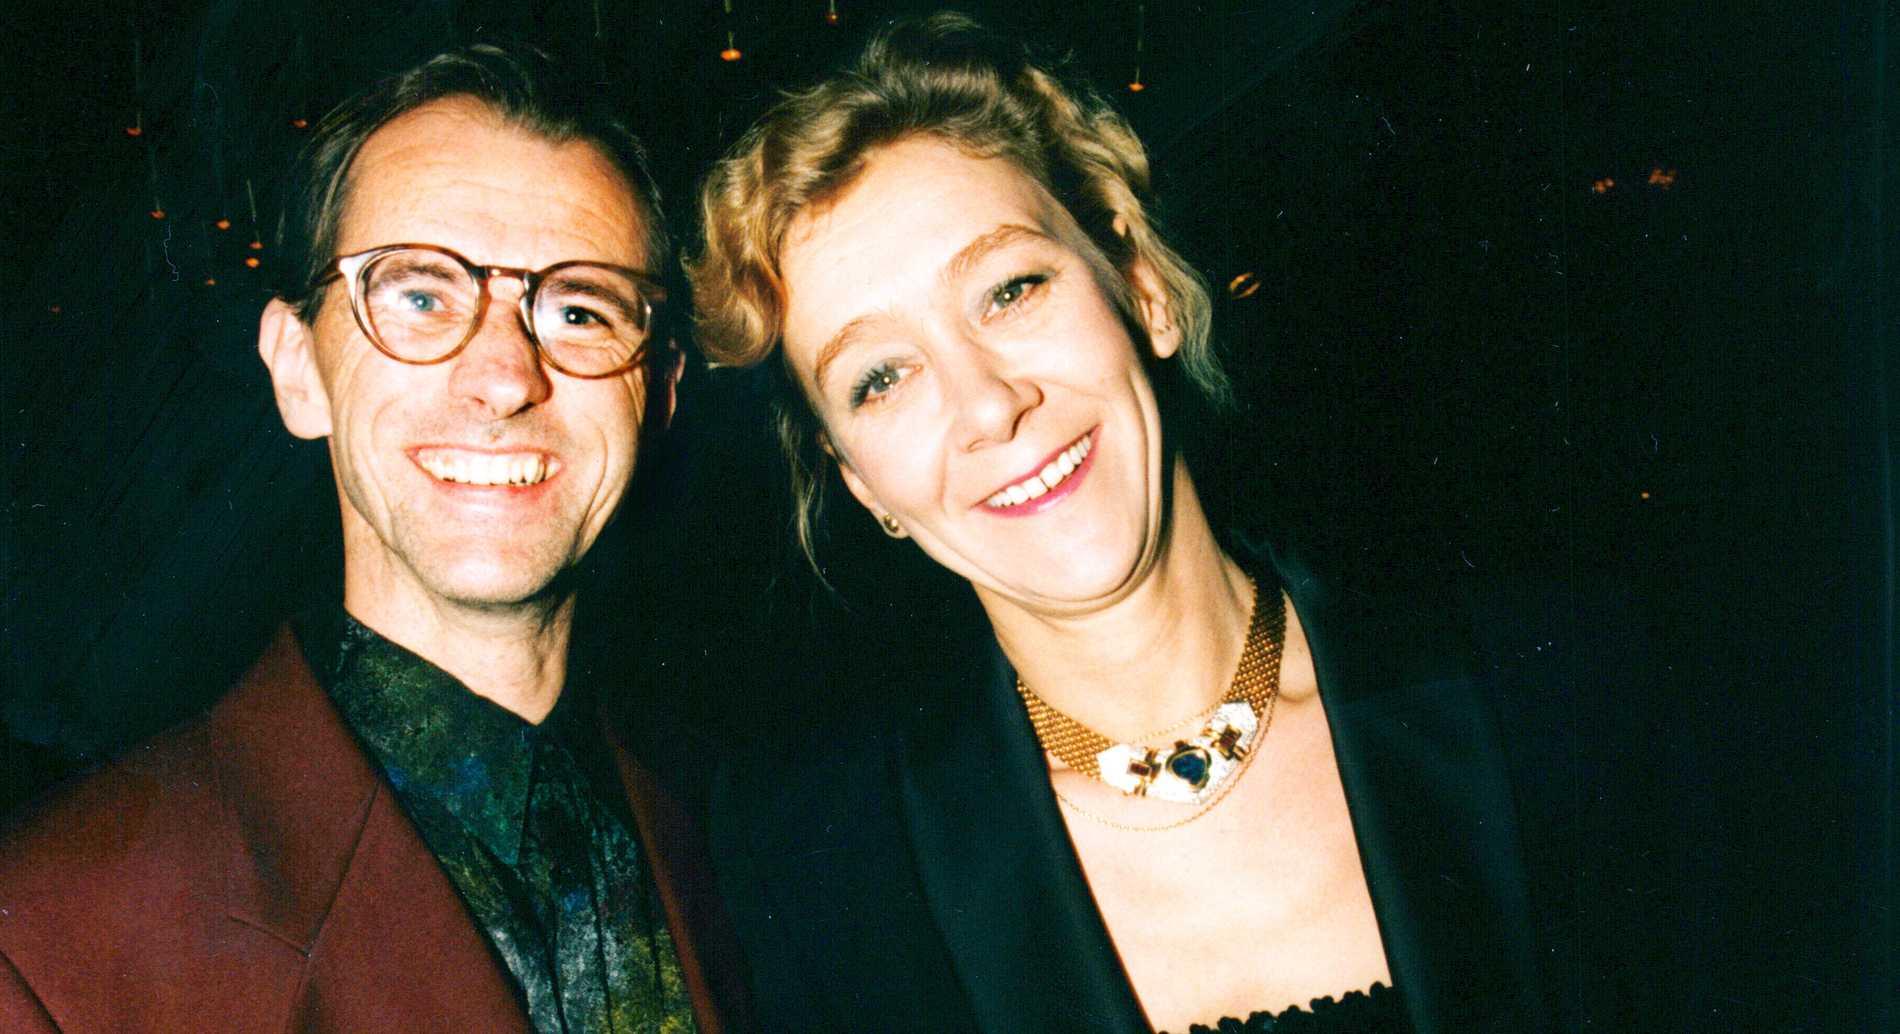 Hans Wiktorsson och Med Reventberg har varit gifta sedan 1976.